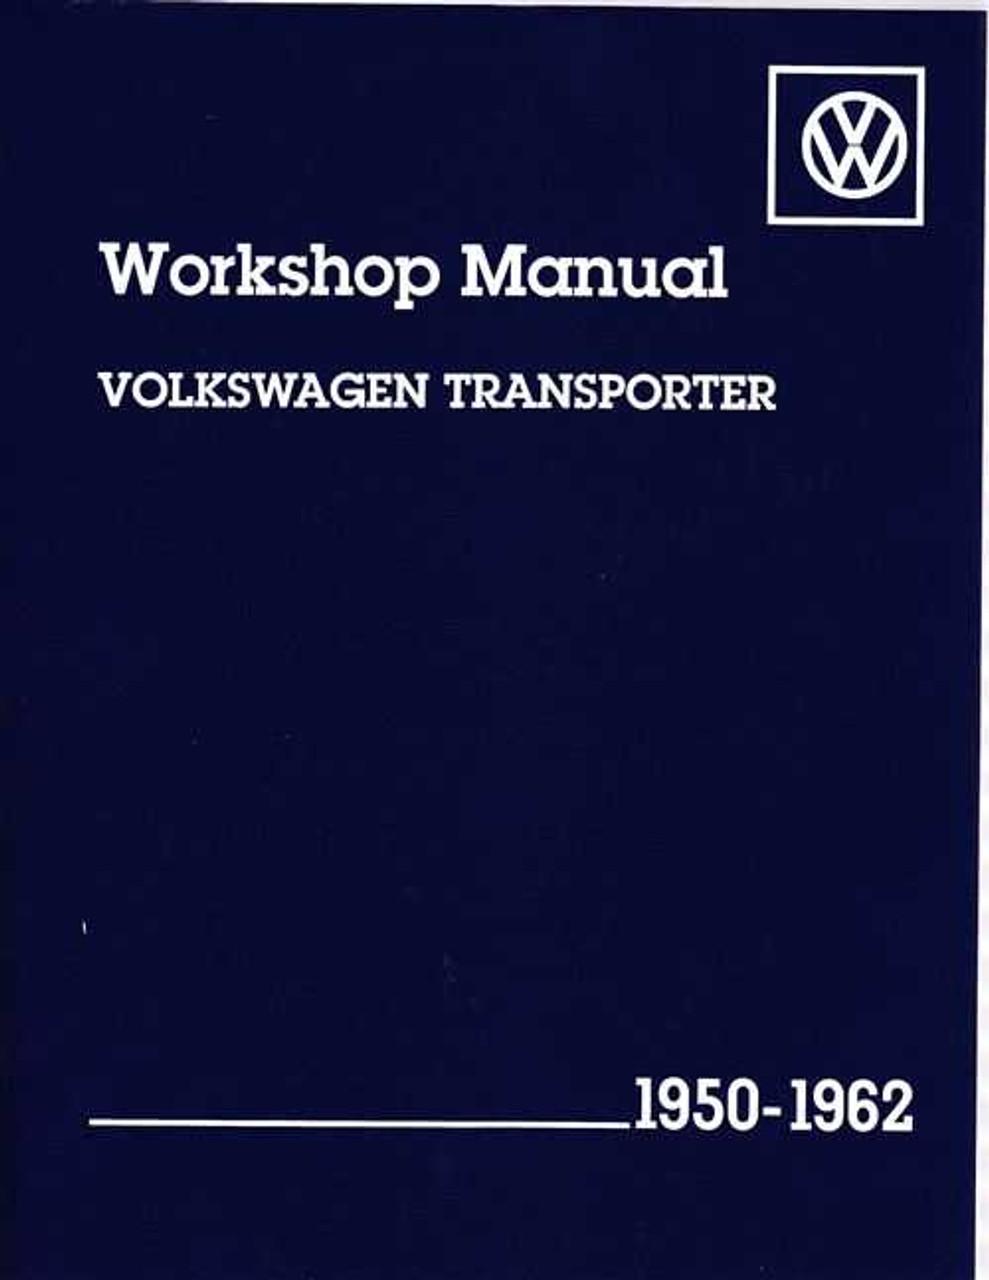 Volkswagen Transporter Type 2 all models 1950 - 1962 Workshop Manual